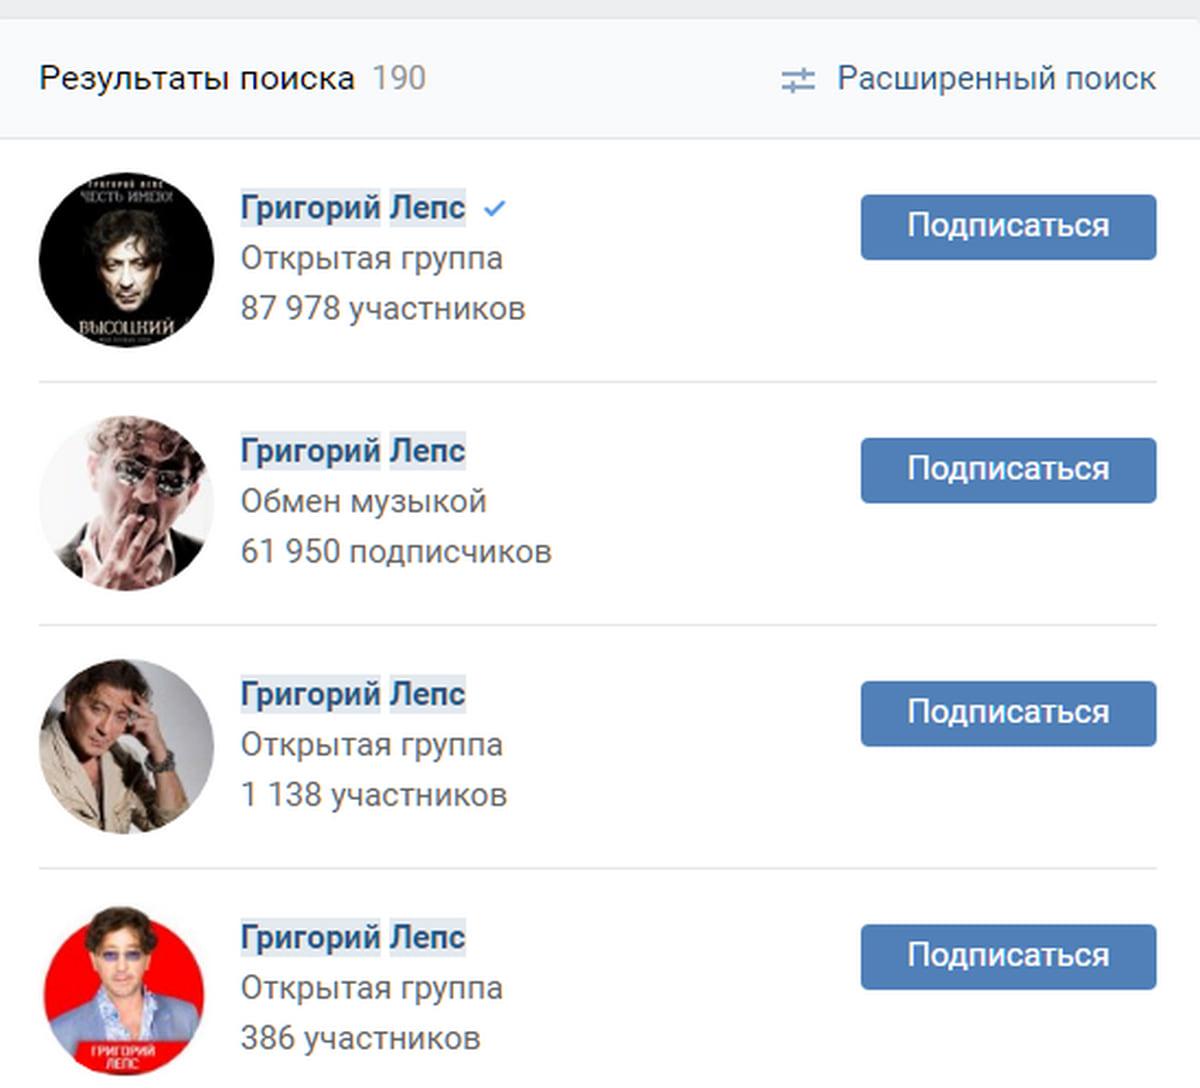 Фейковый аккаунт ВК